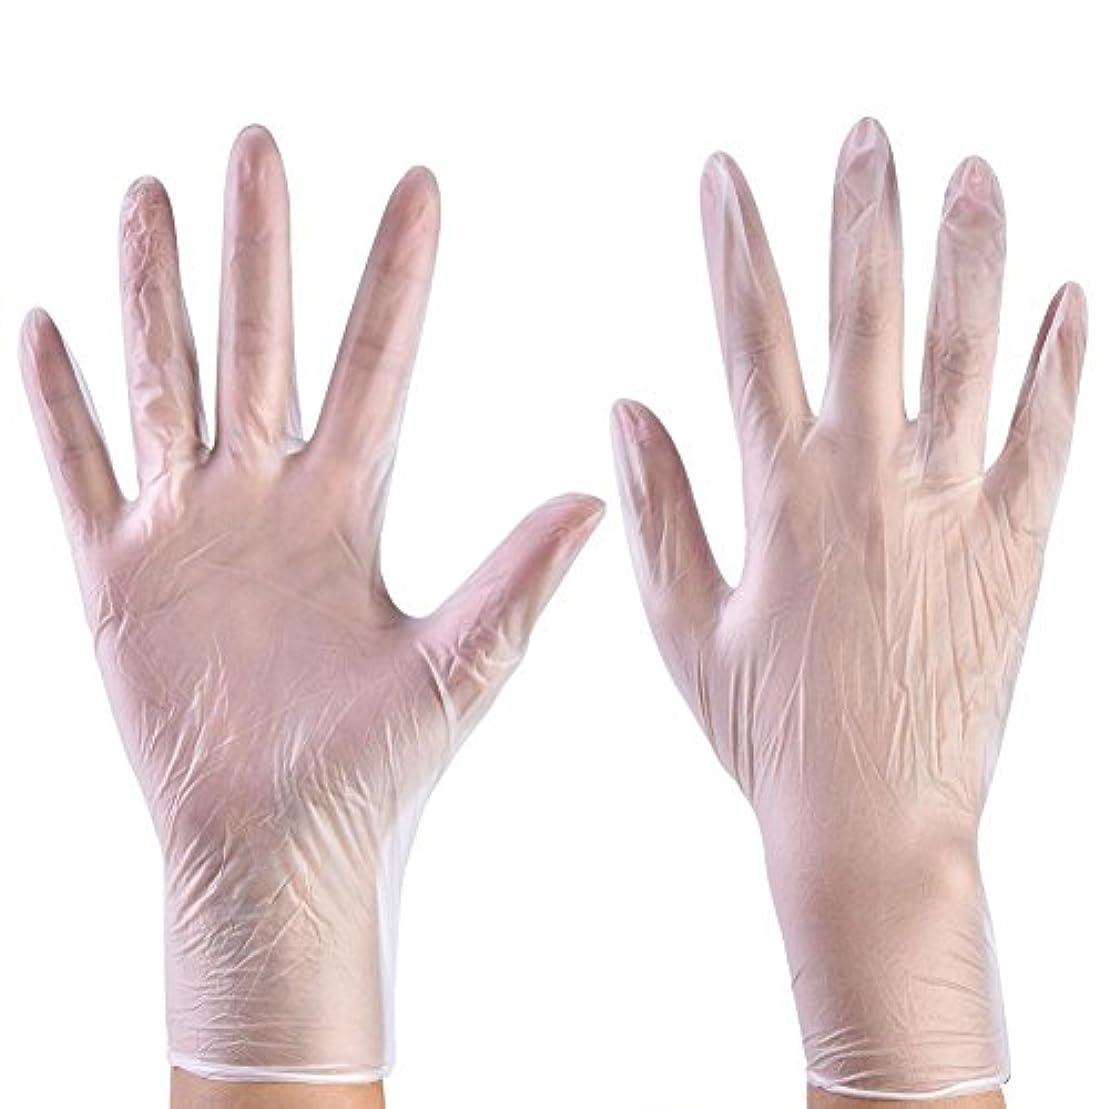 毛細血管支払う自分のために使い捨て手袋 ニトリルグローブ ホワイト 粉なし タトゥー/歯科/病院/研究室に適応 S/M/L選択可 100枚 左右兼用(L)